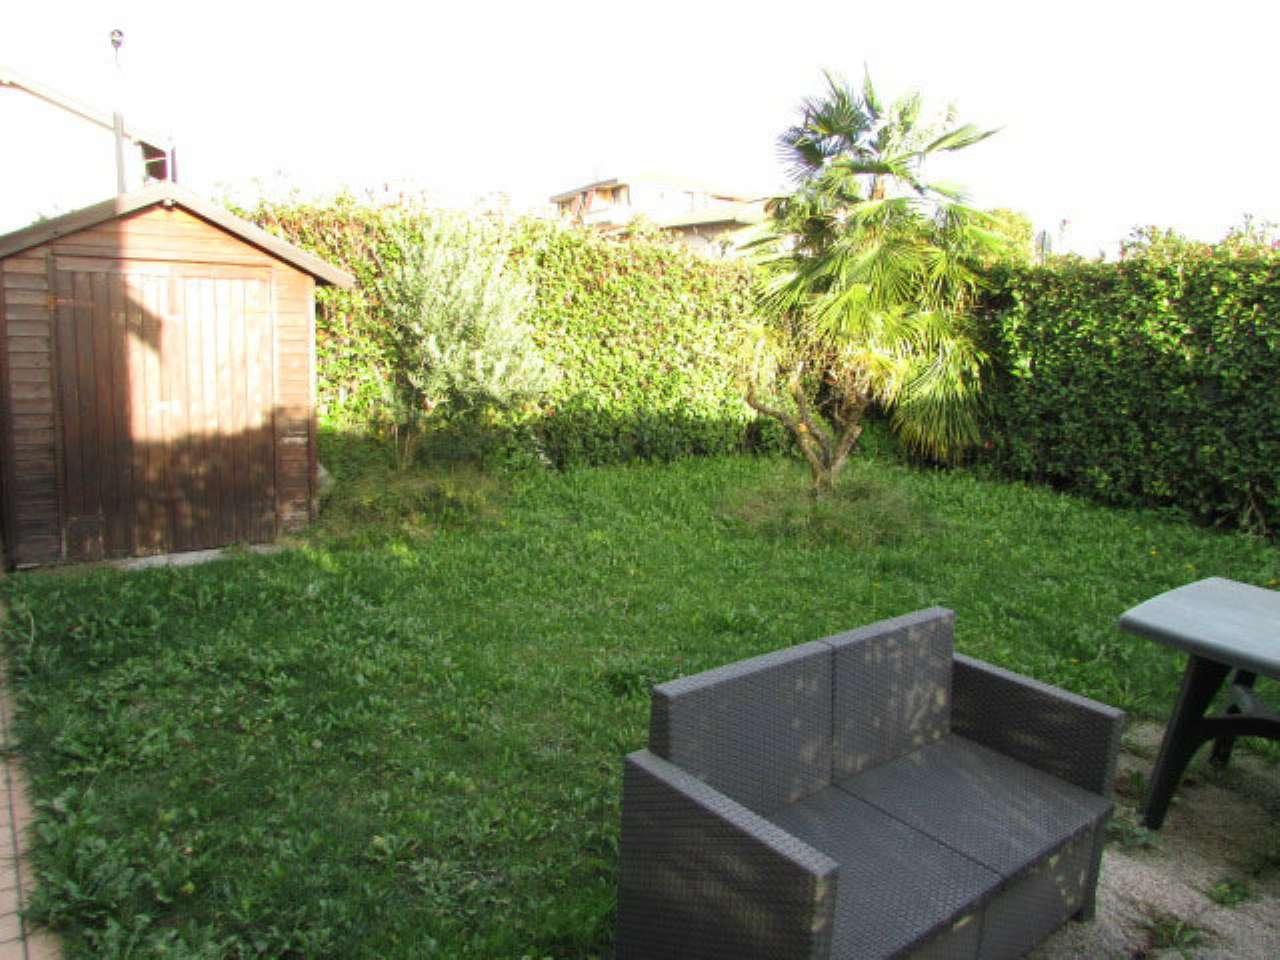 Appartamento in vendita a Cantù, 2 locali, prezzo € 125.000 | PortaleAgenzieImmobiliari.it